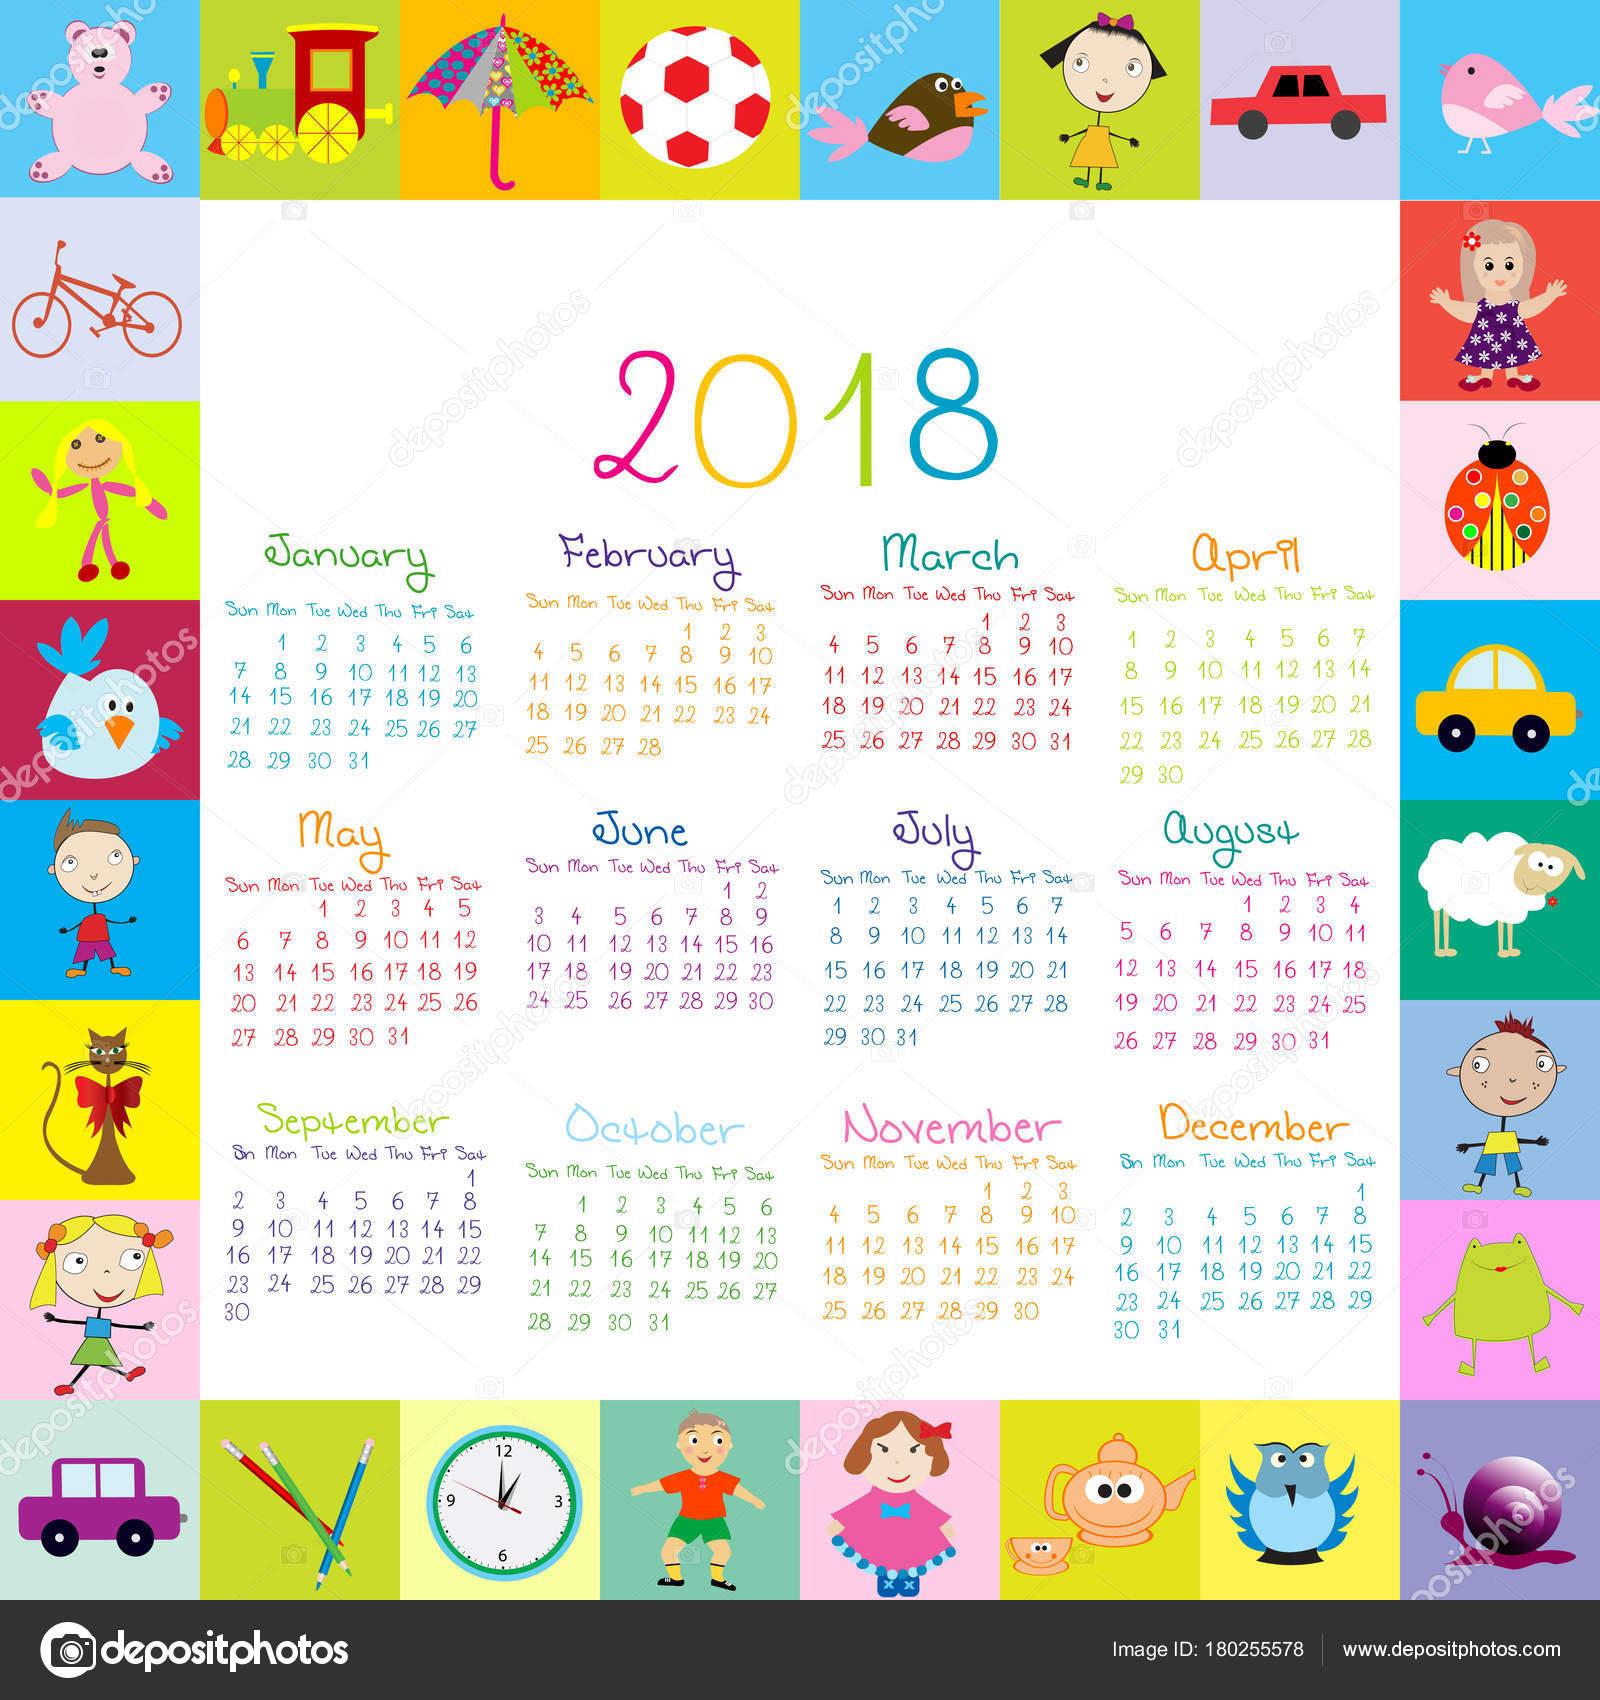 Marco con calendario 2018 los juguetes para niños — Archivo Imágenes ...